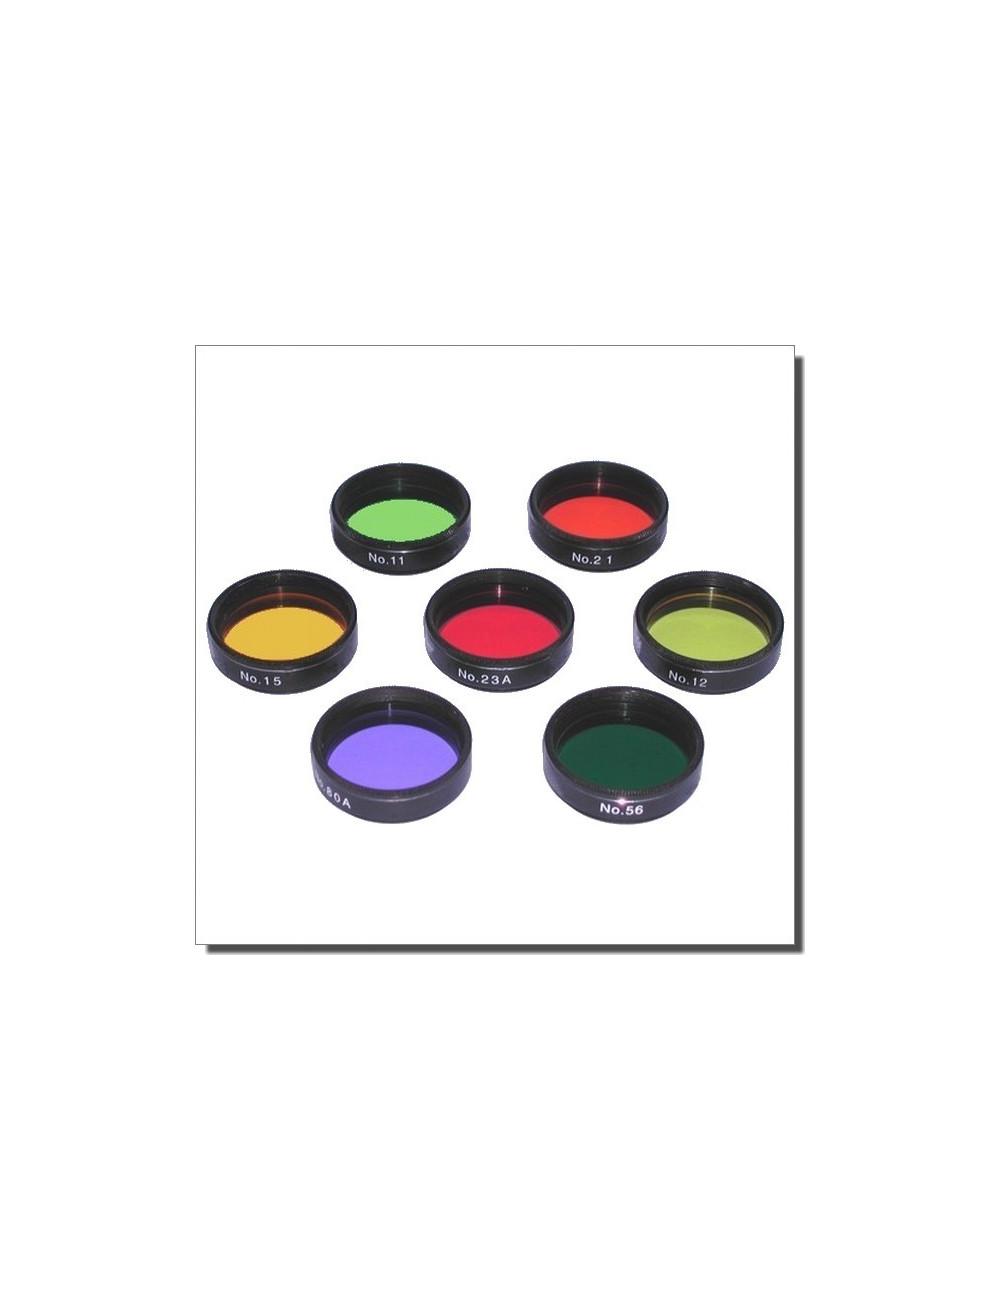 Filtres colorés planétaires 31.75mm